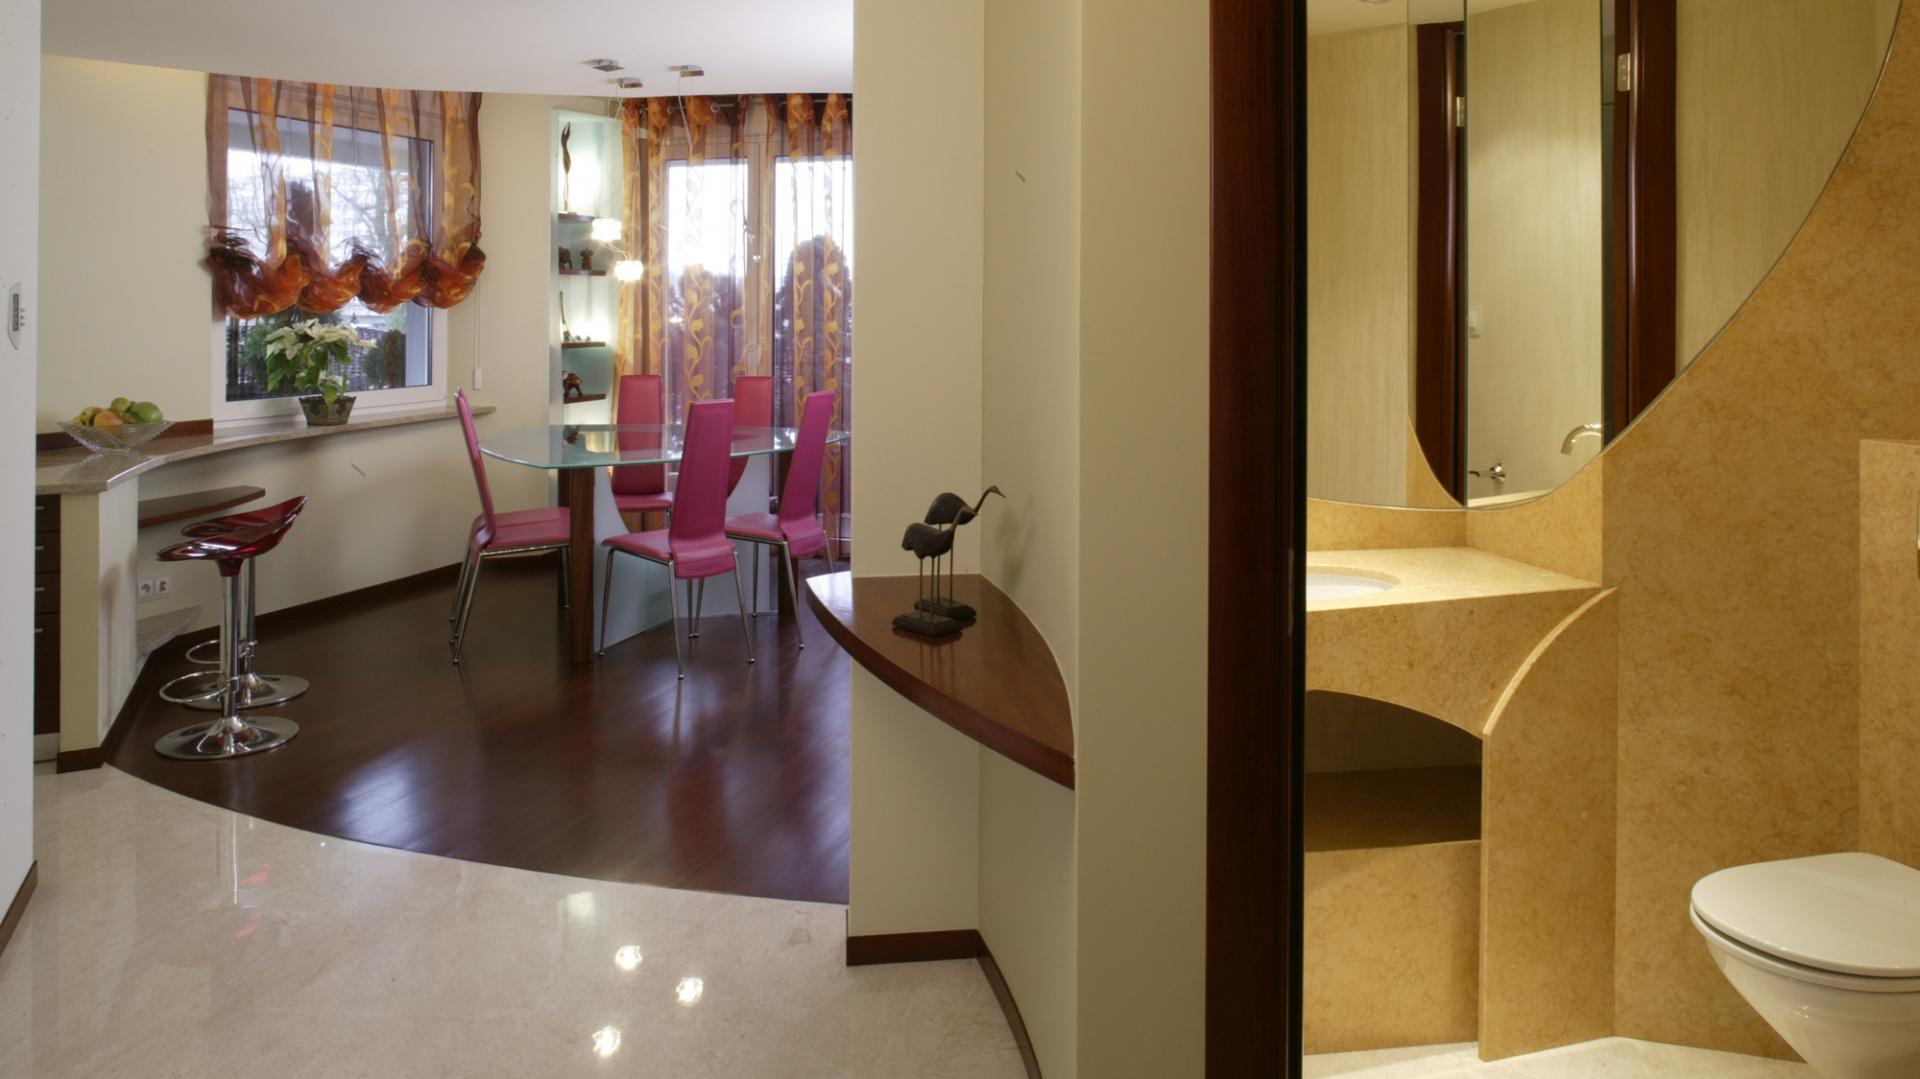 W apartamencie niewiele jest kątów prostych – łagodne łuki sprzyjają płynnemu przenikaniu przestrzeni. Widoczne są na podłodze, suficie i we wszelkich zakamarkach.